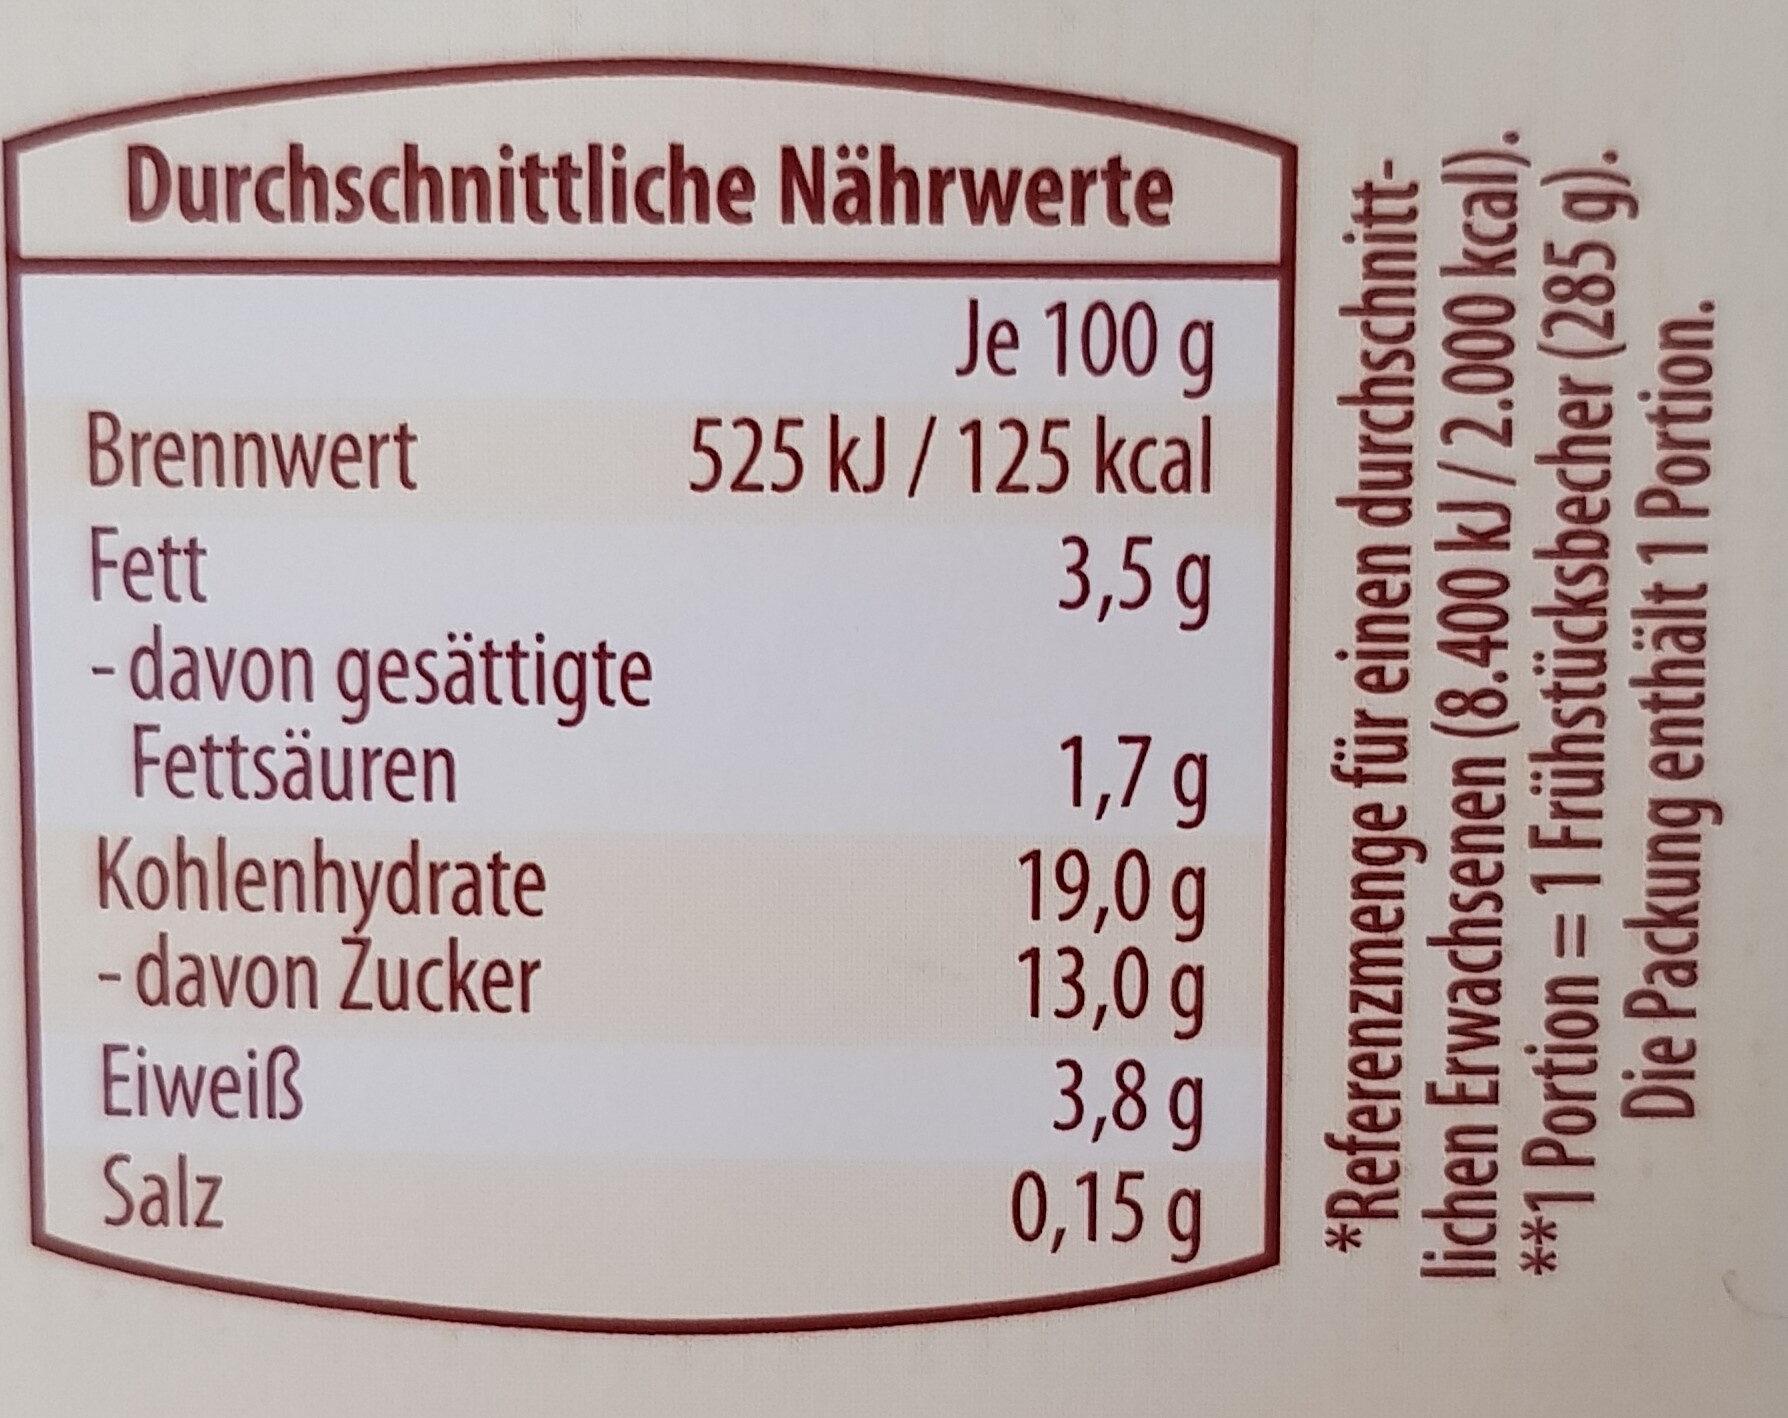 Dessert mi Joghurt Kirschen und Double Chocolatr Crunch Müsli - Nutrition facts